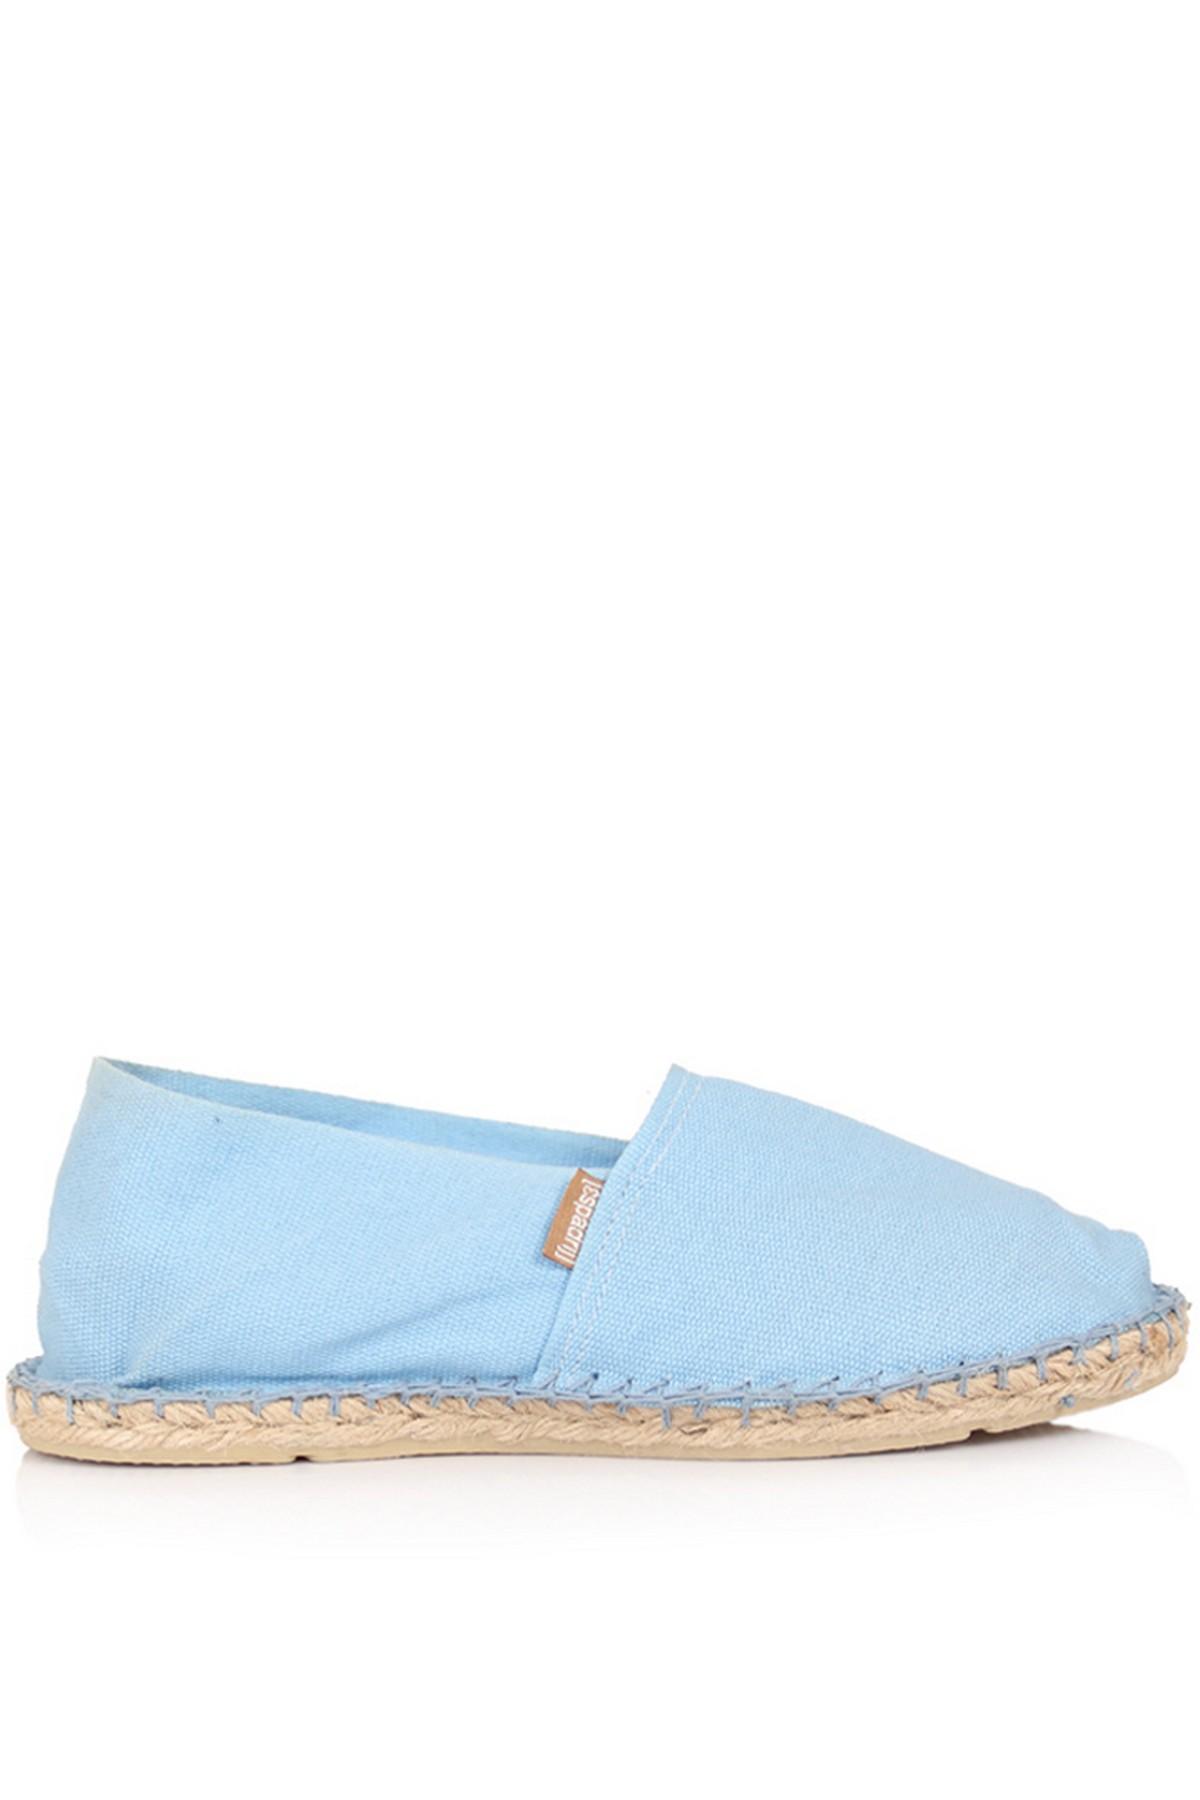 Espadril Günlük Kadın Mavi Ayakkabı (121ESUAY0002-MAVİ)